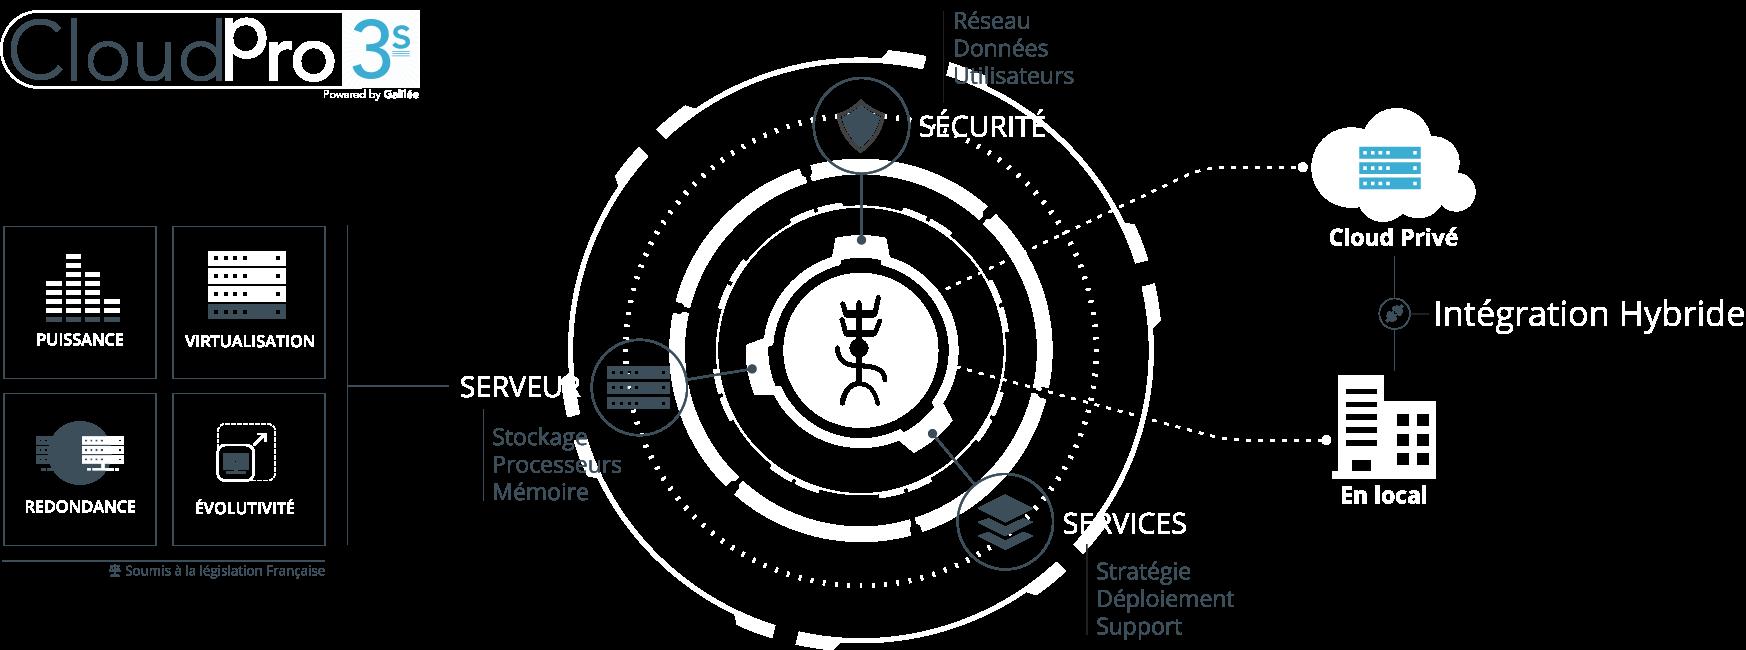 galilee-cps3-schema-web